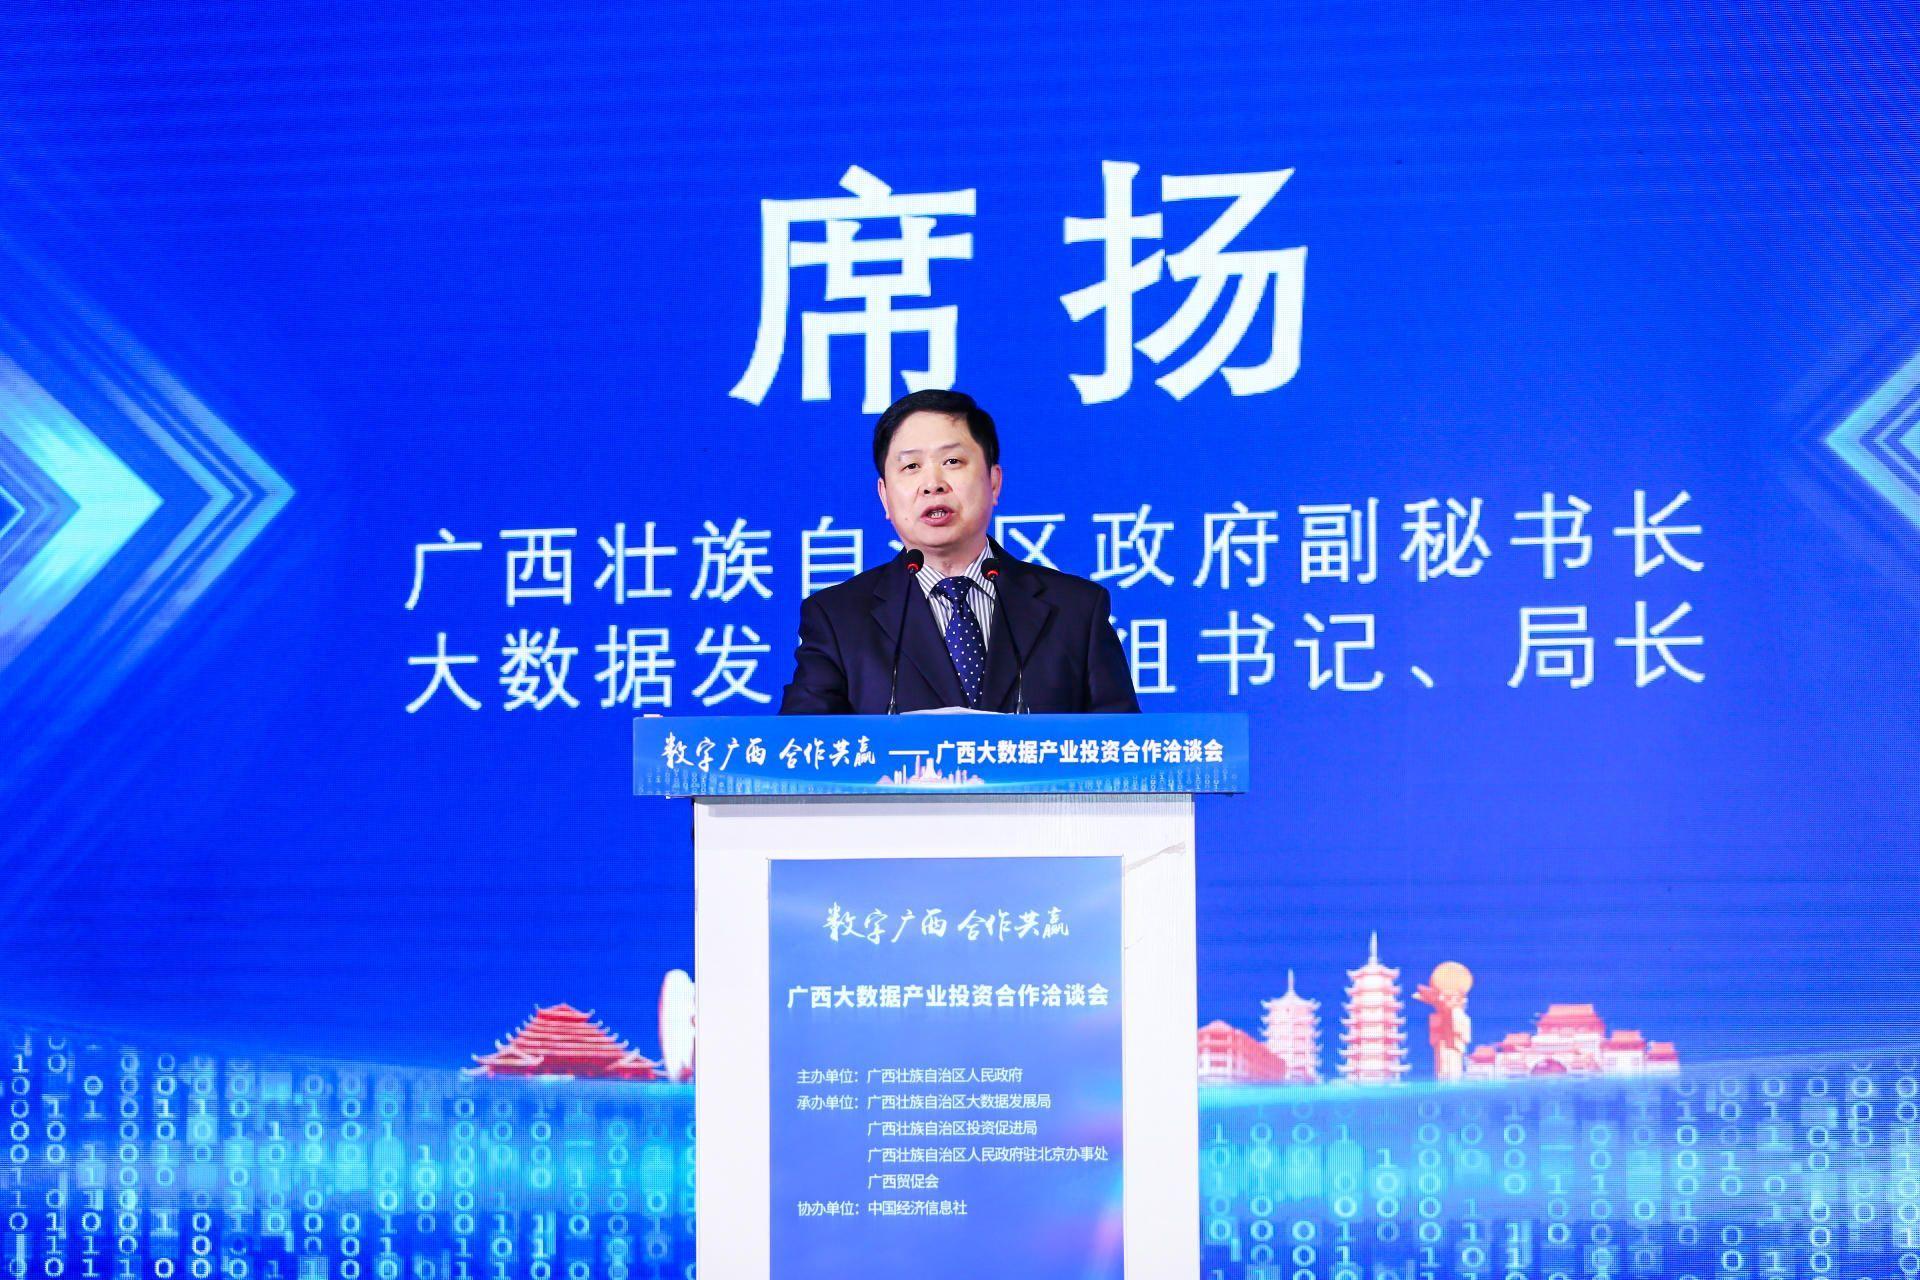 广西壮族自治区政府副秘书长,大数据发展局党组书记、局长席扬先生,推介广西大数据产业招商项目。